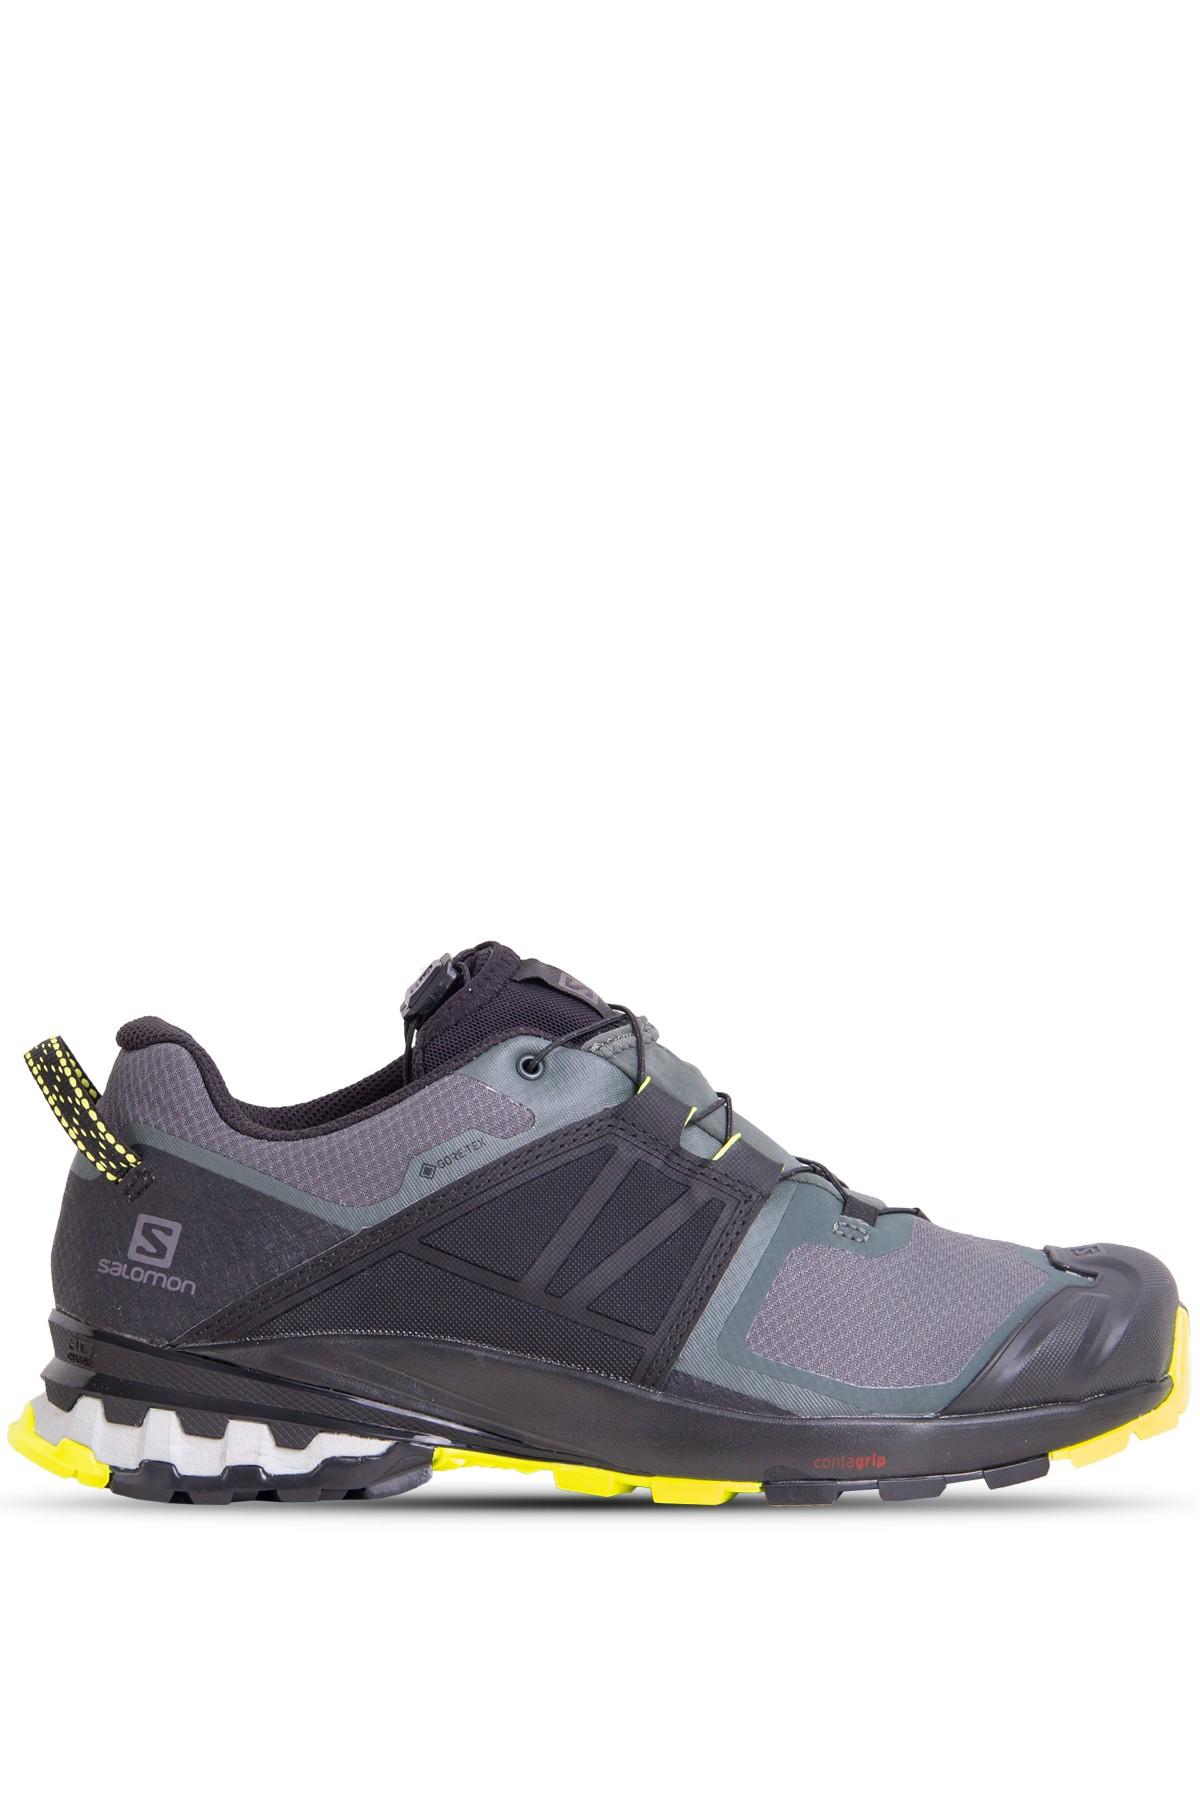 Salomon Erkek Haki Outdoor Ayakkabı (L40988400)